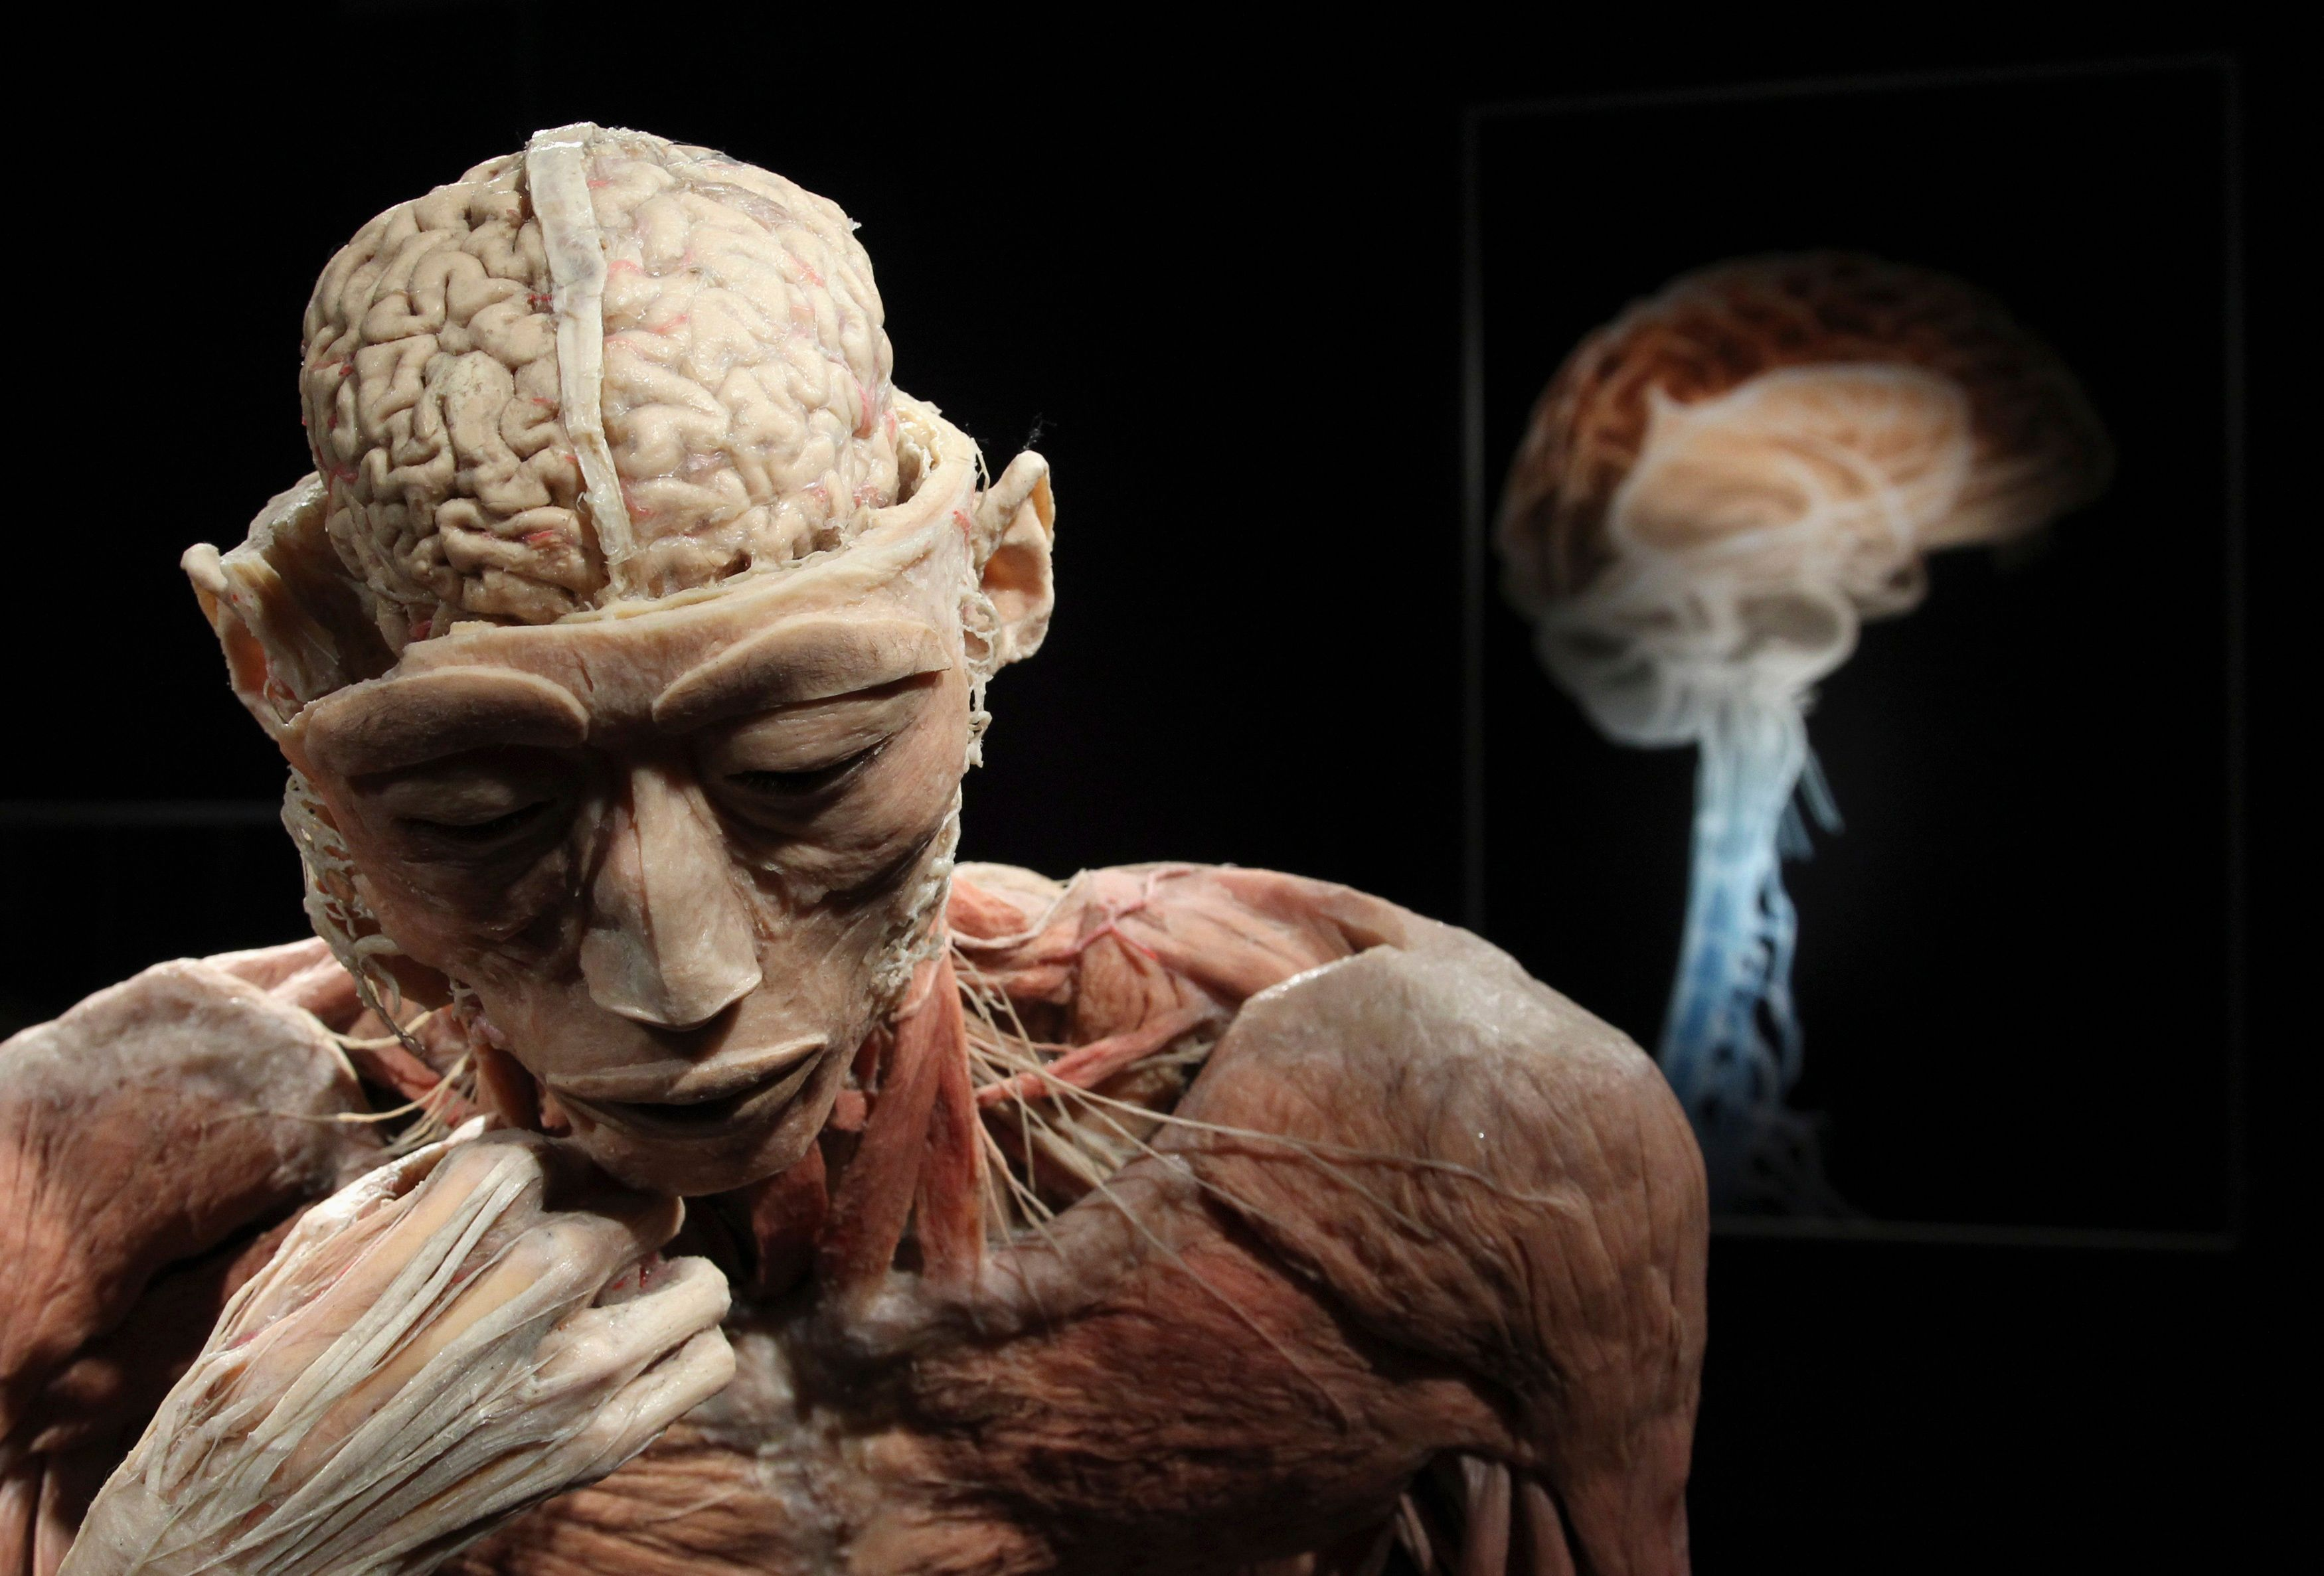 Aussi complexe qu'il soit, il ne faut pas ramener au cerveau l'ensemble de nos comportements.